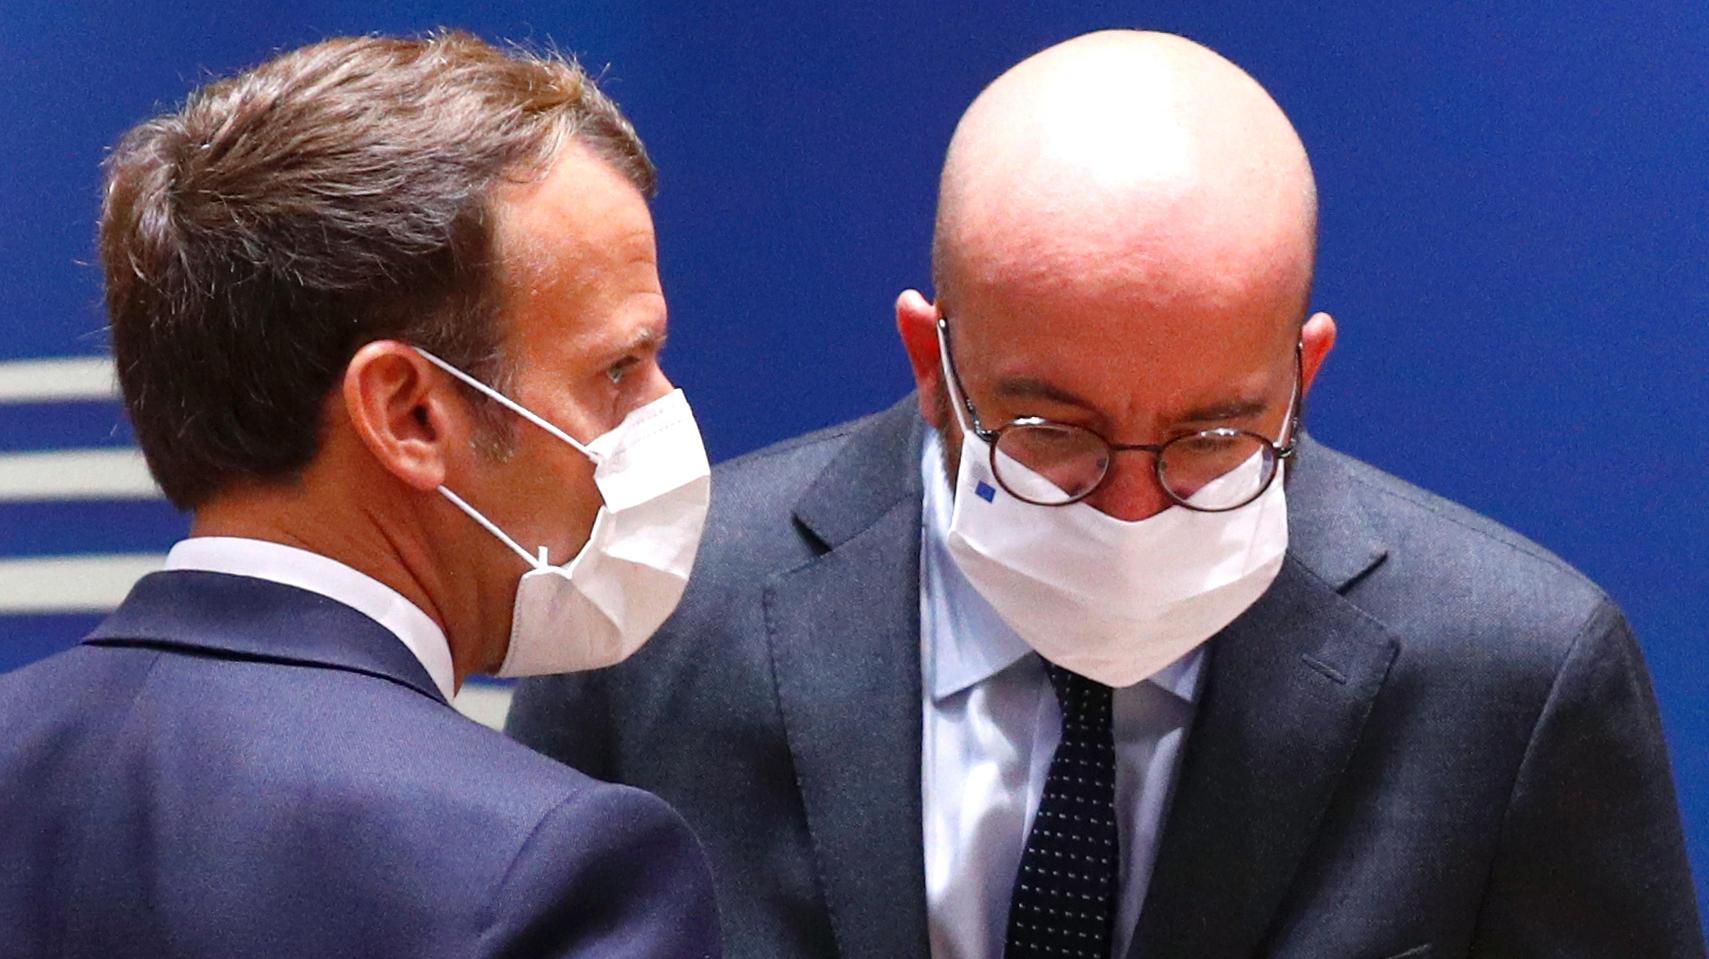 Photo of Ratschef hat dramatische Anziehungskraft – Gipfel vor dem Scheitern